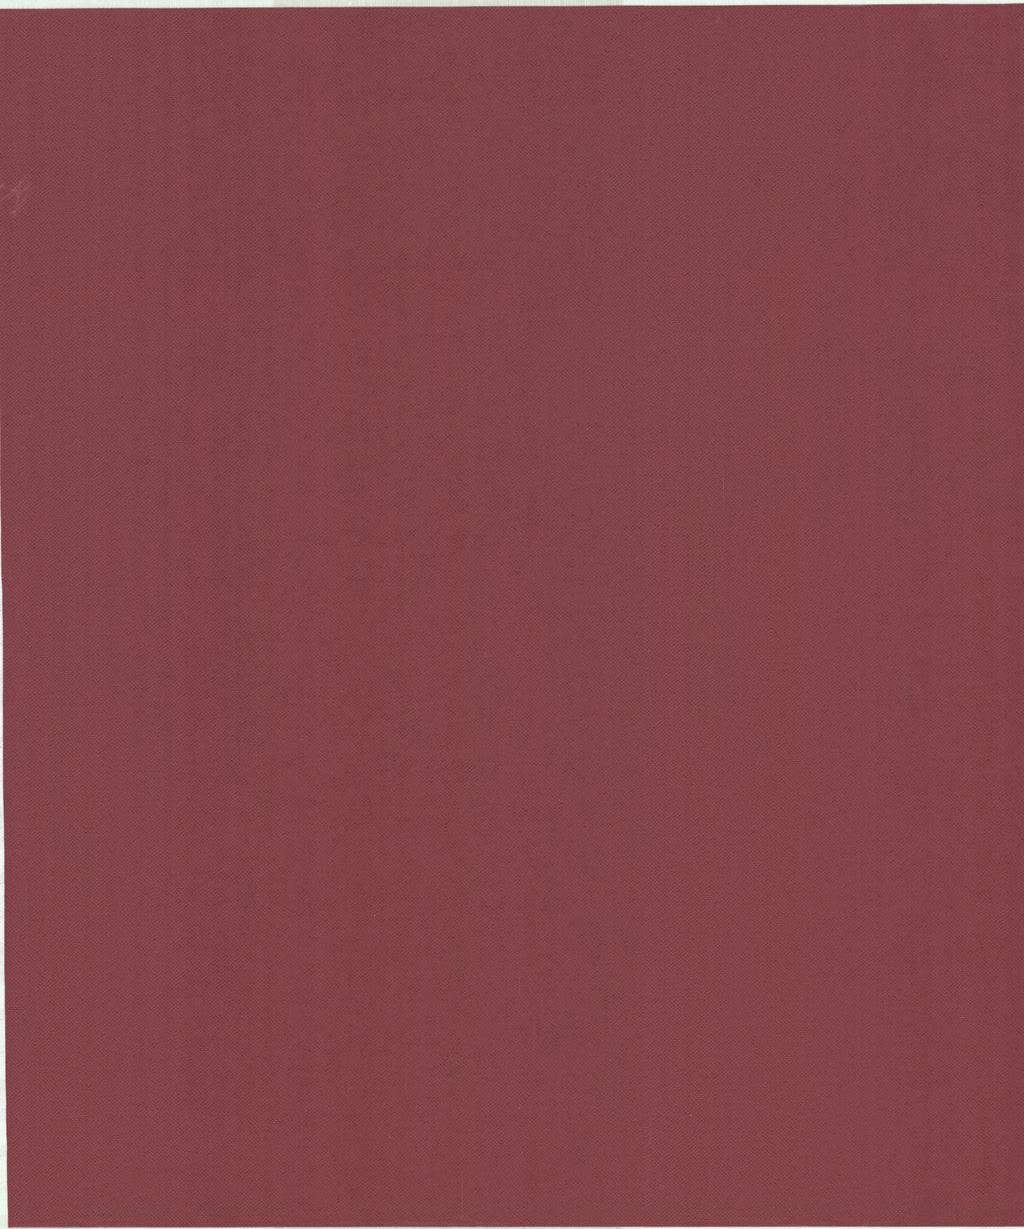 Итальянские обои Estro,  коллекция Elegance, артикулB1120308